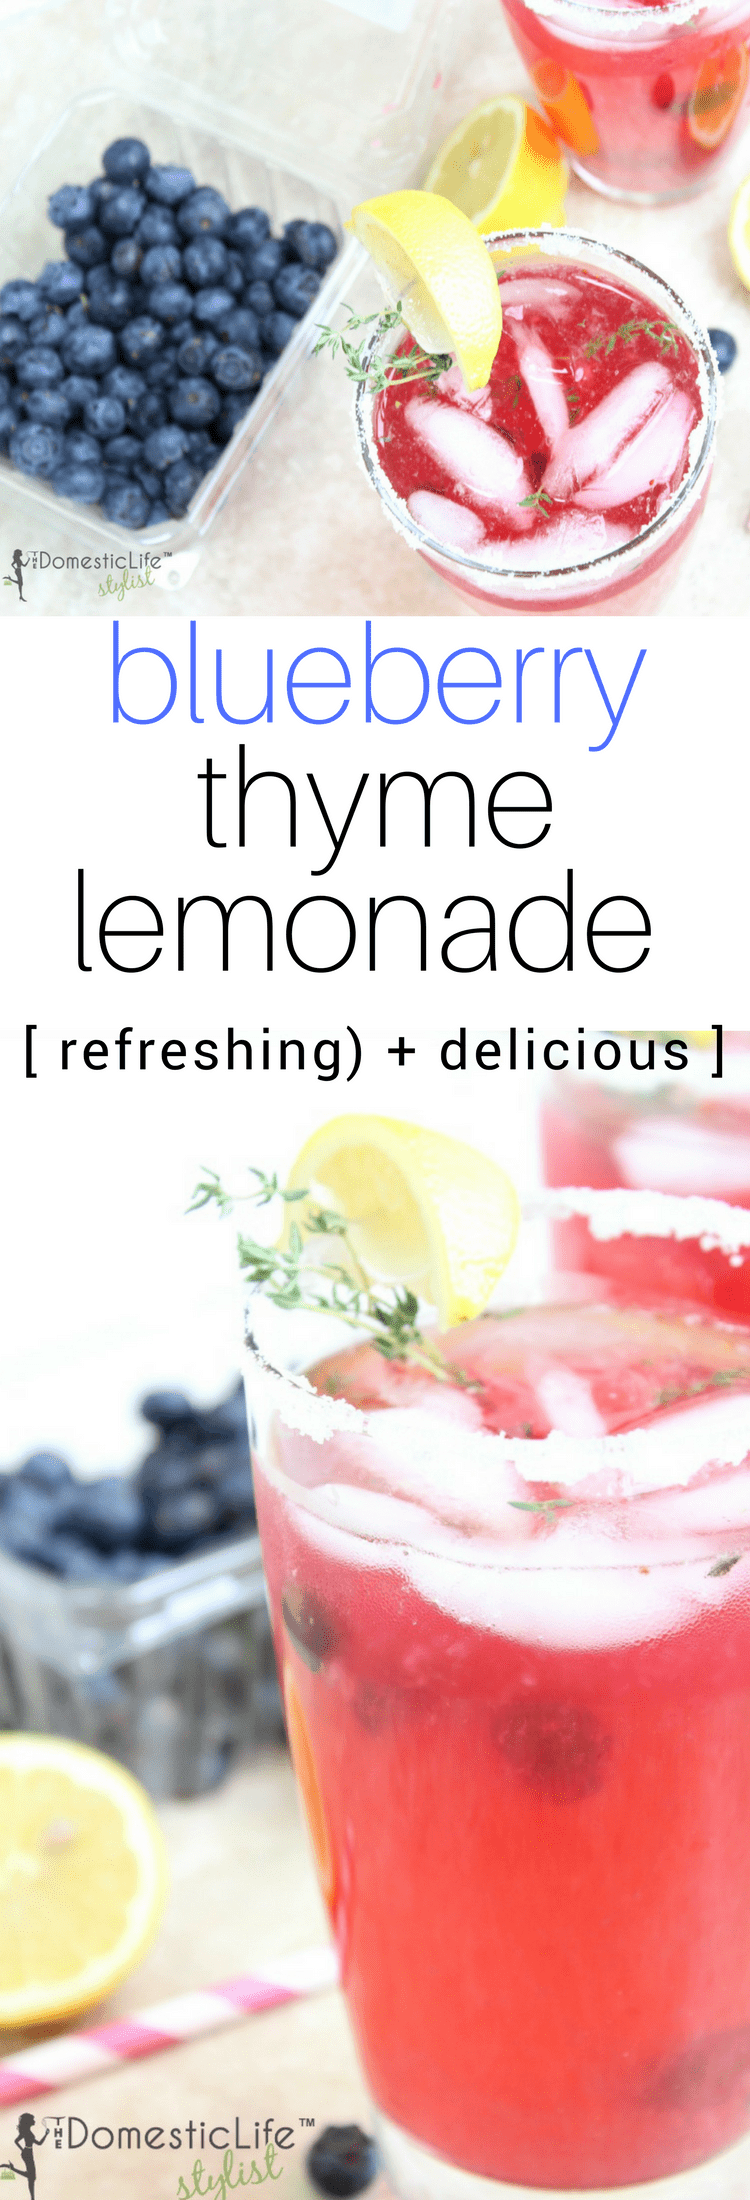 homemade blueberry thyme lemonade